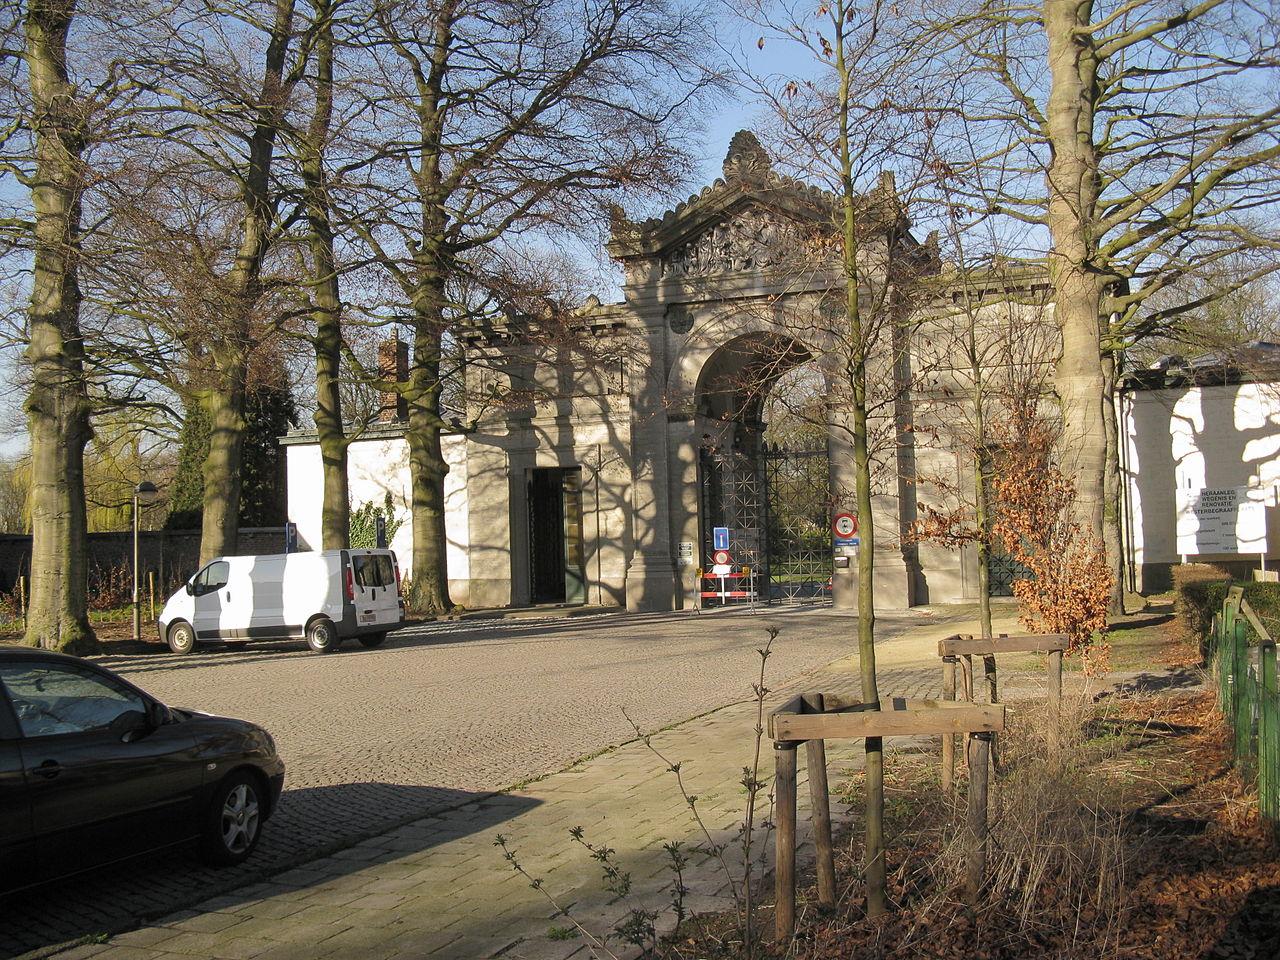 Öten erőszakoltak meg egy 14 éves lányt egy temetőben Belgiumban